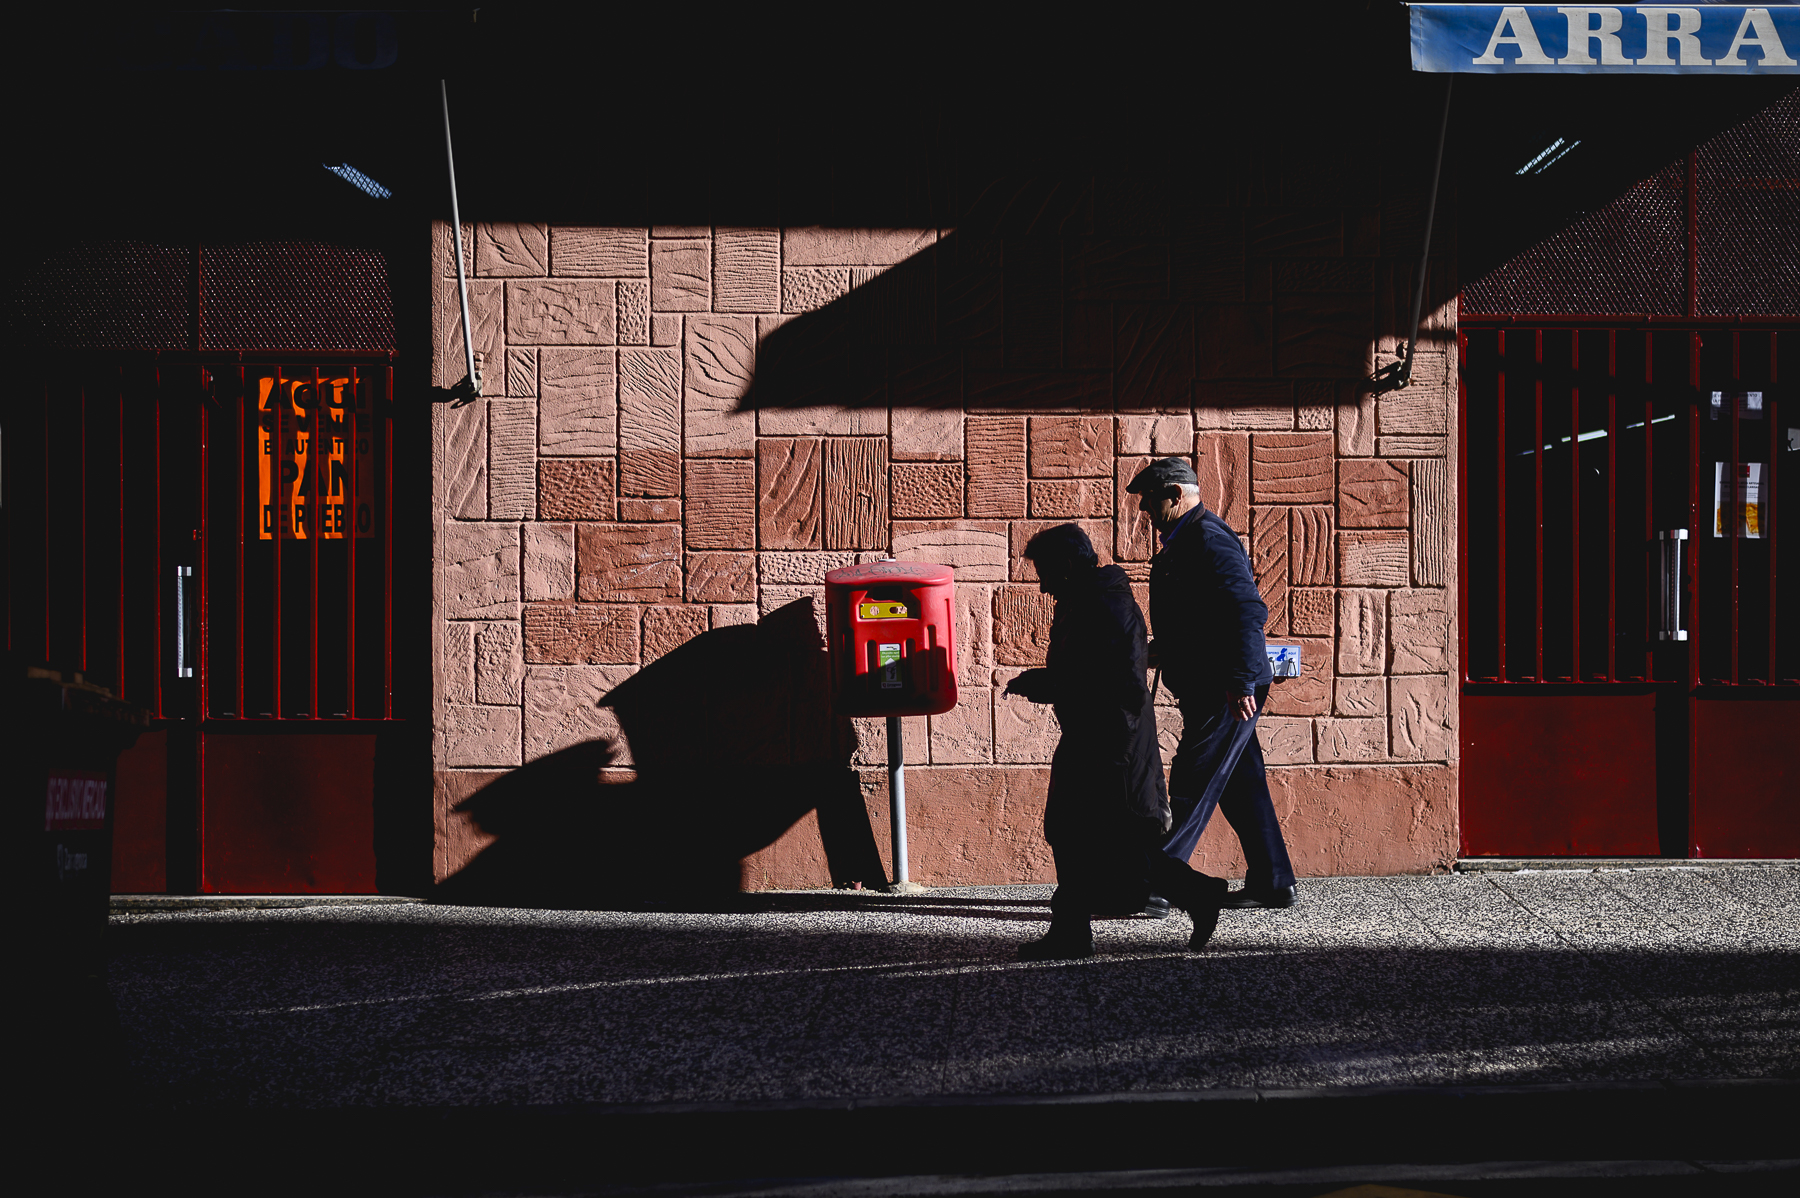 Matrimonio pasea por Arrabal de Zaragoza